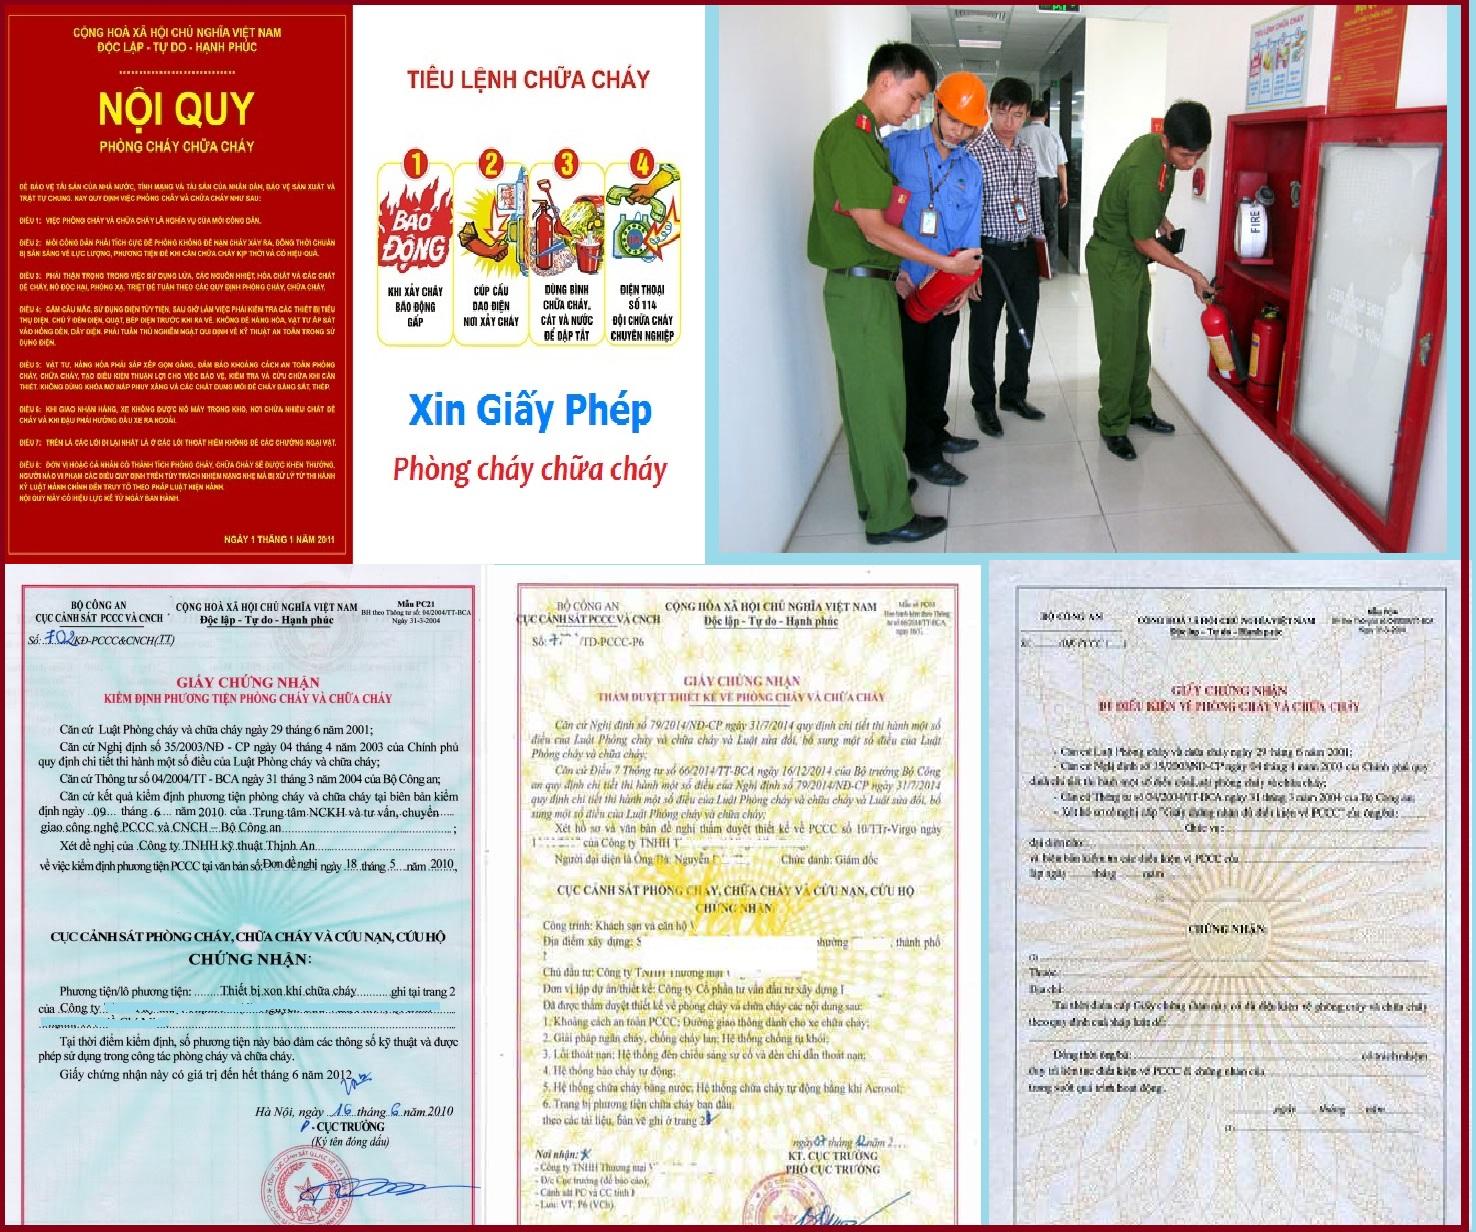 Các quy định về giấy phép phòng cháy chữa cháy theo pháp luật Việt Nam ban hành